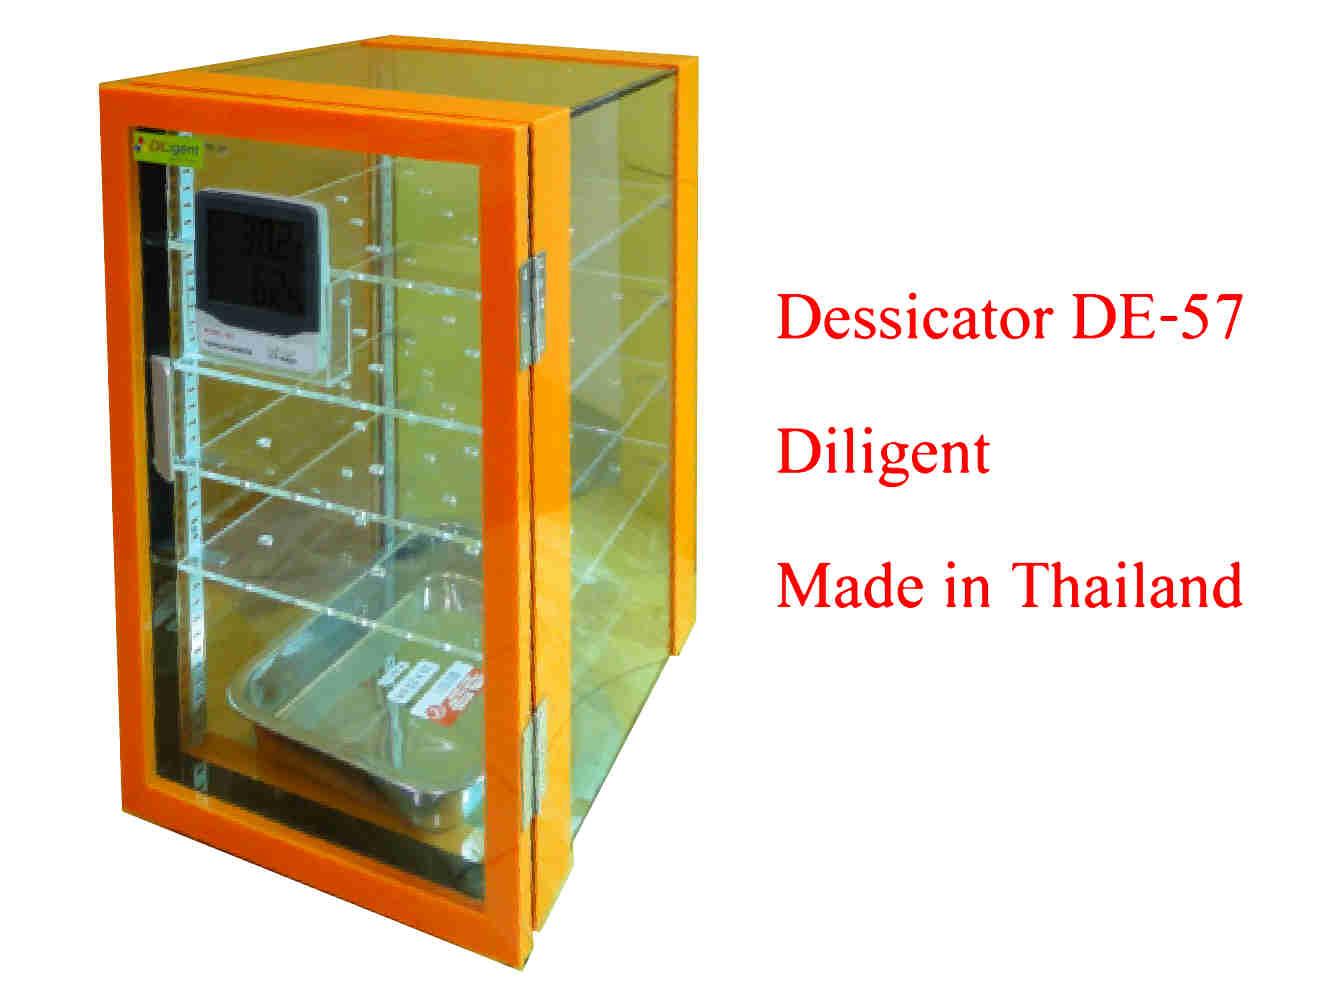 ตู้ดูดความชื้น Desiccator Cabinet แบบใช้ Silica gel Model DE-57 ทำจากพลาสติก 2